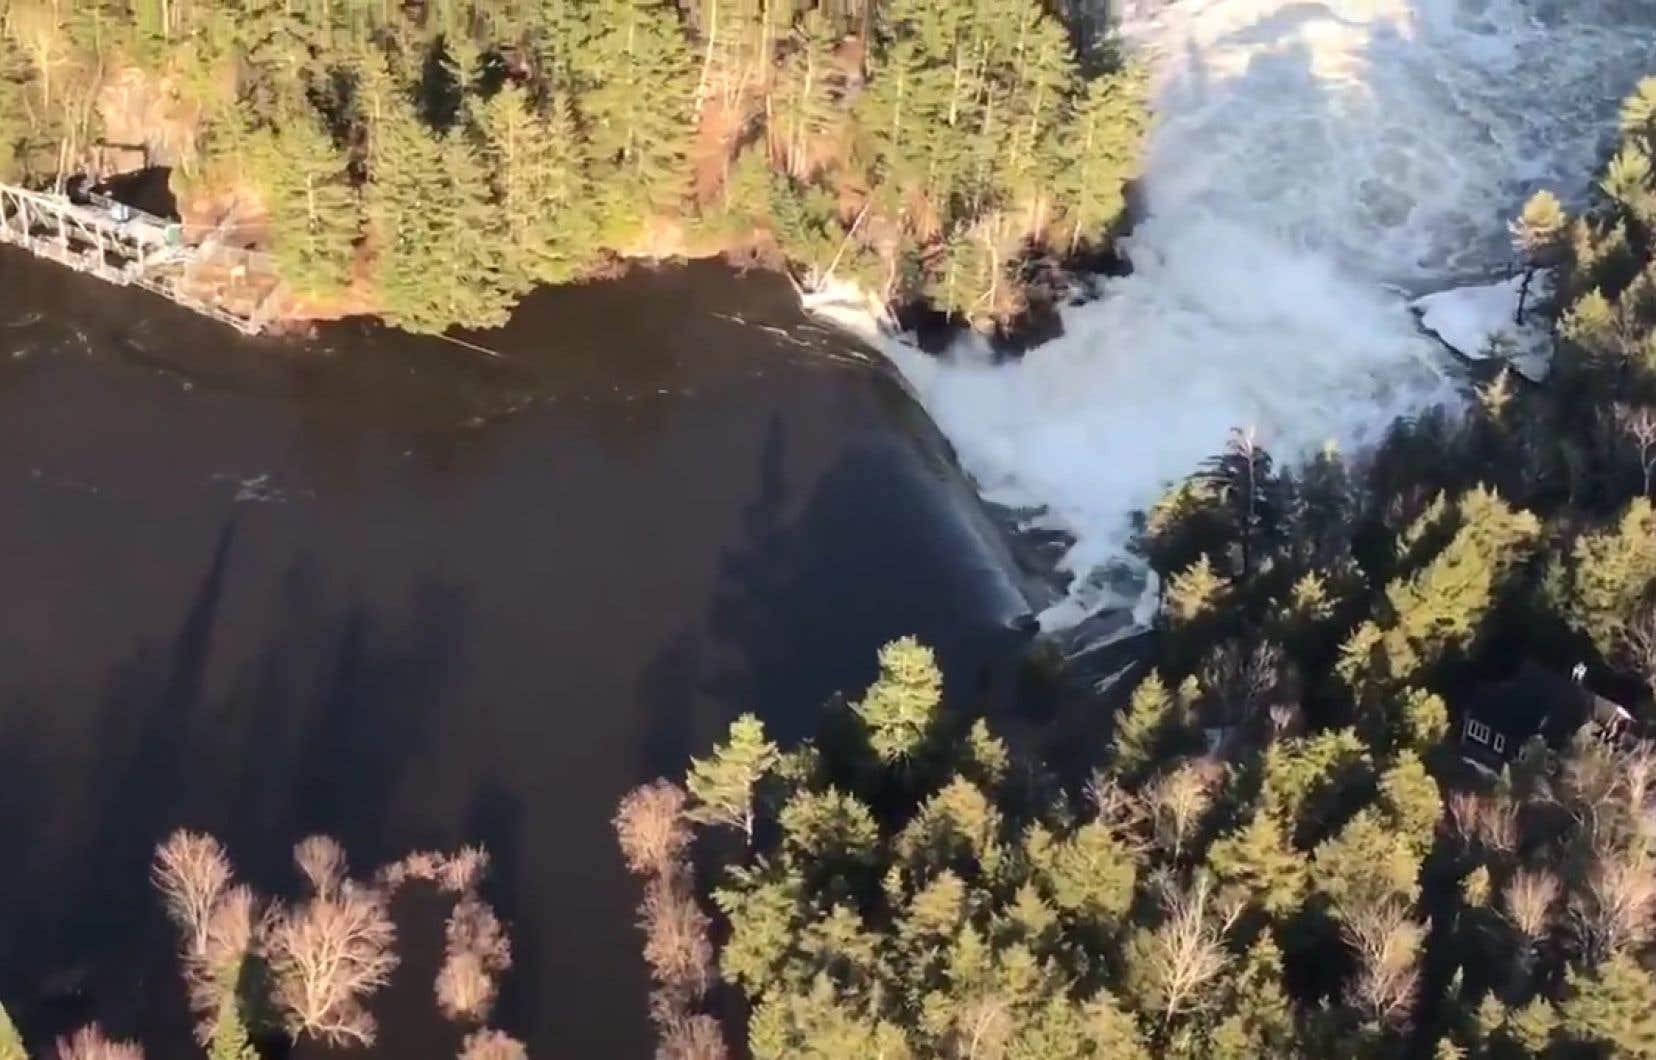 Les autorités de sécurité publique ont lancé en milieu d'après-midi, jeudi, une alerte avisant tous les citoyens en aval du barrage de la Chute-Bell d'évacuer sans délai.